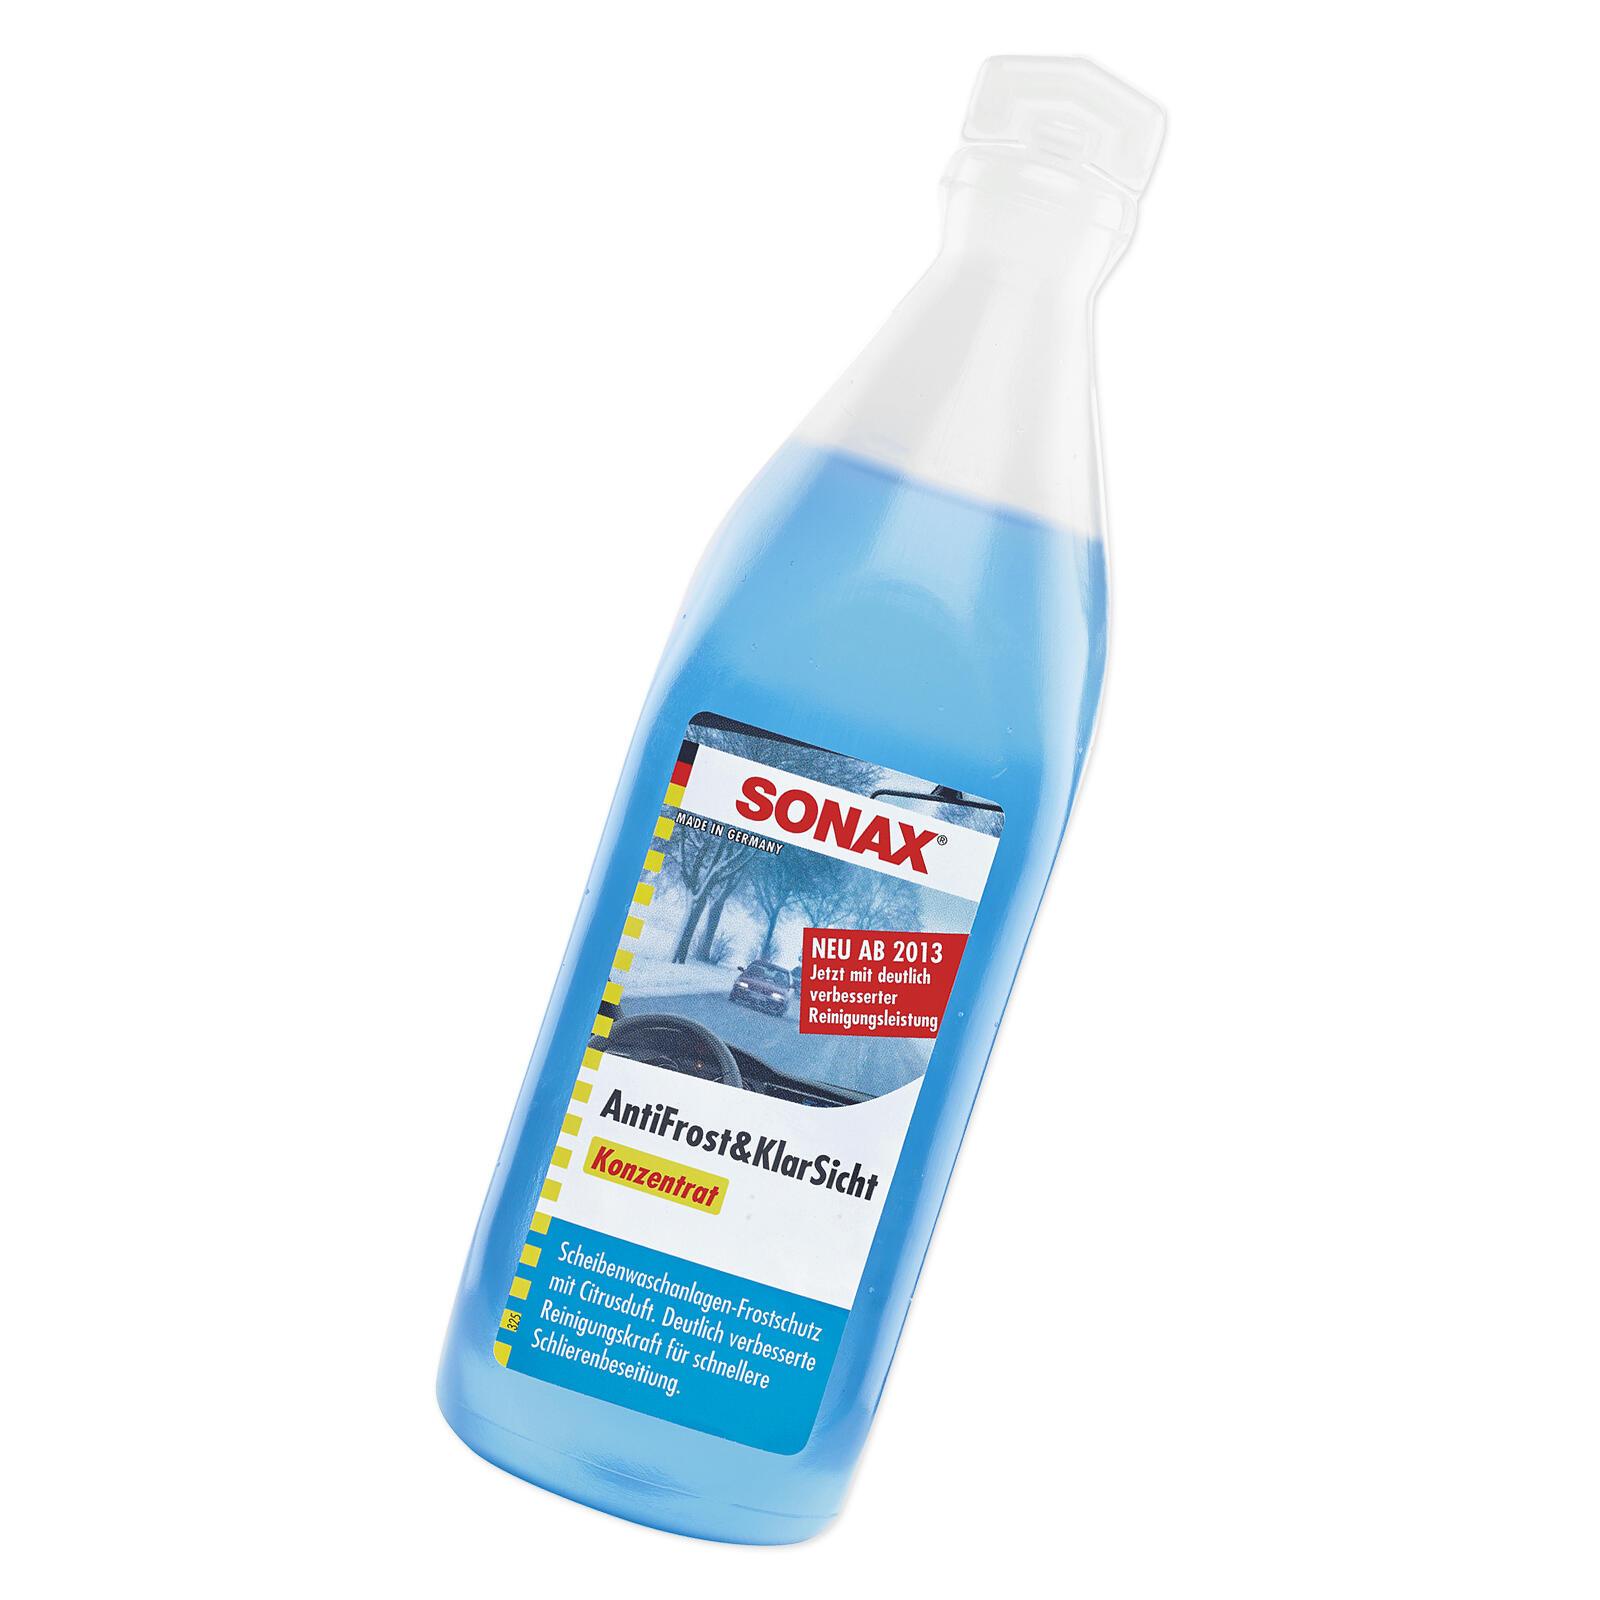 SONAX AntiFrost&KlarSicht Konzentrat 250ml